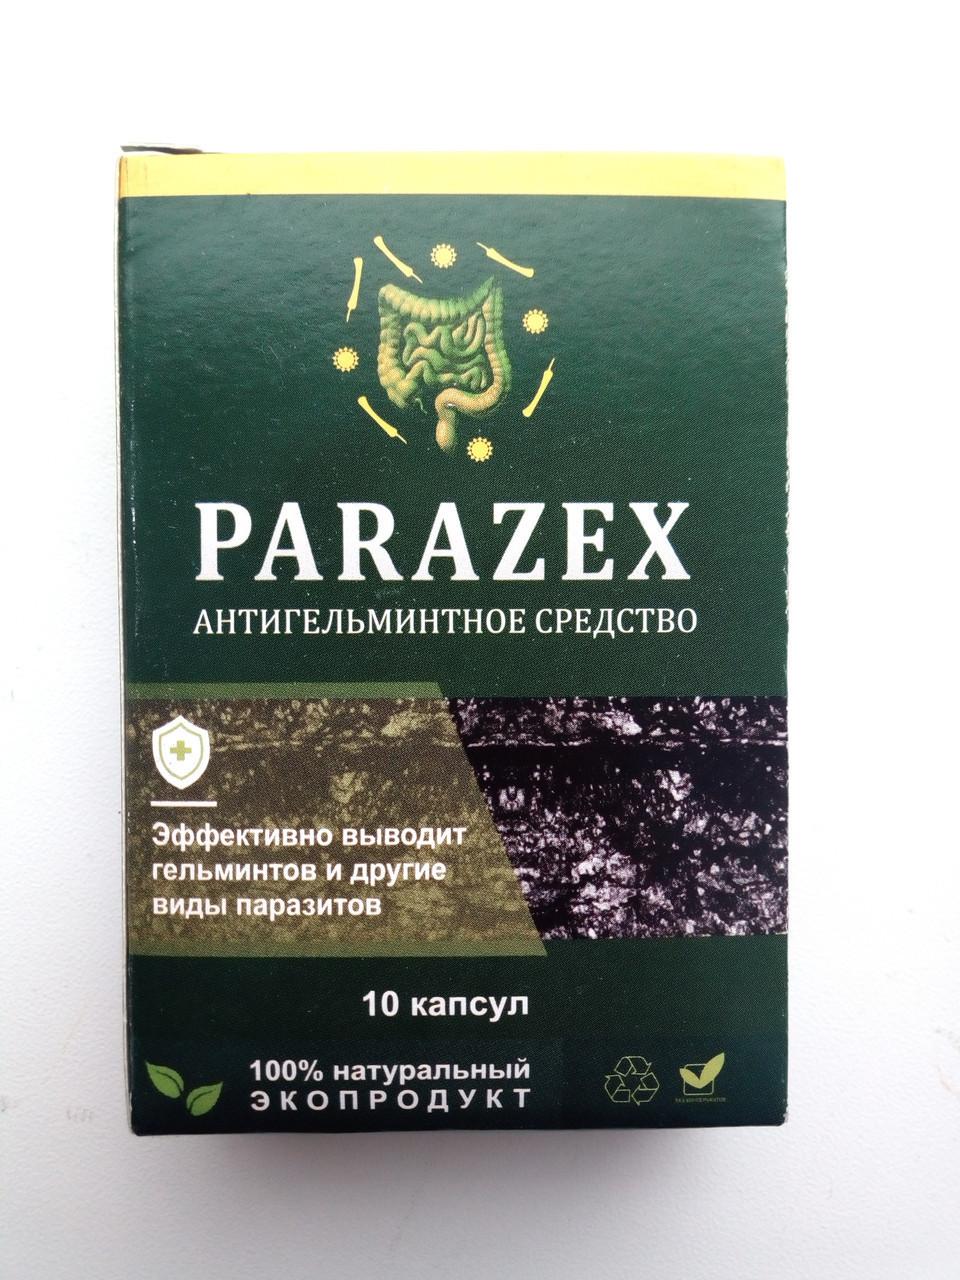 Parazex - Антигельминтное средство Паразекс